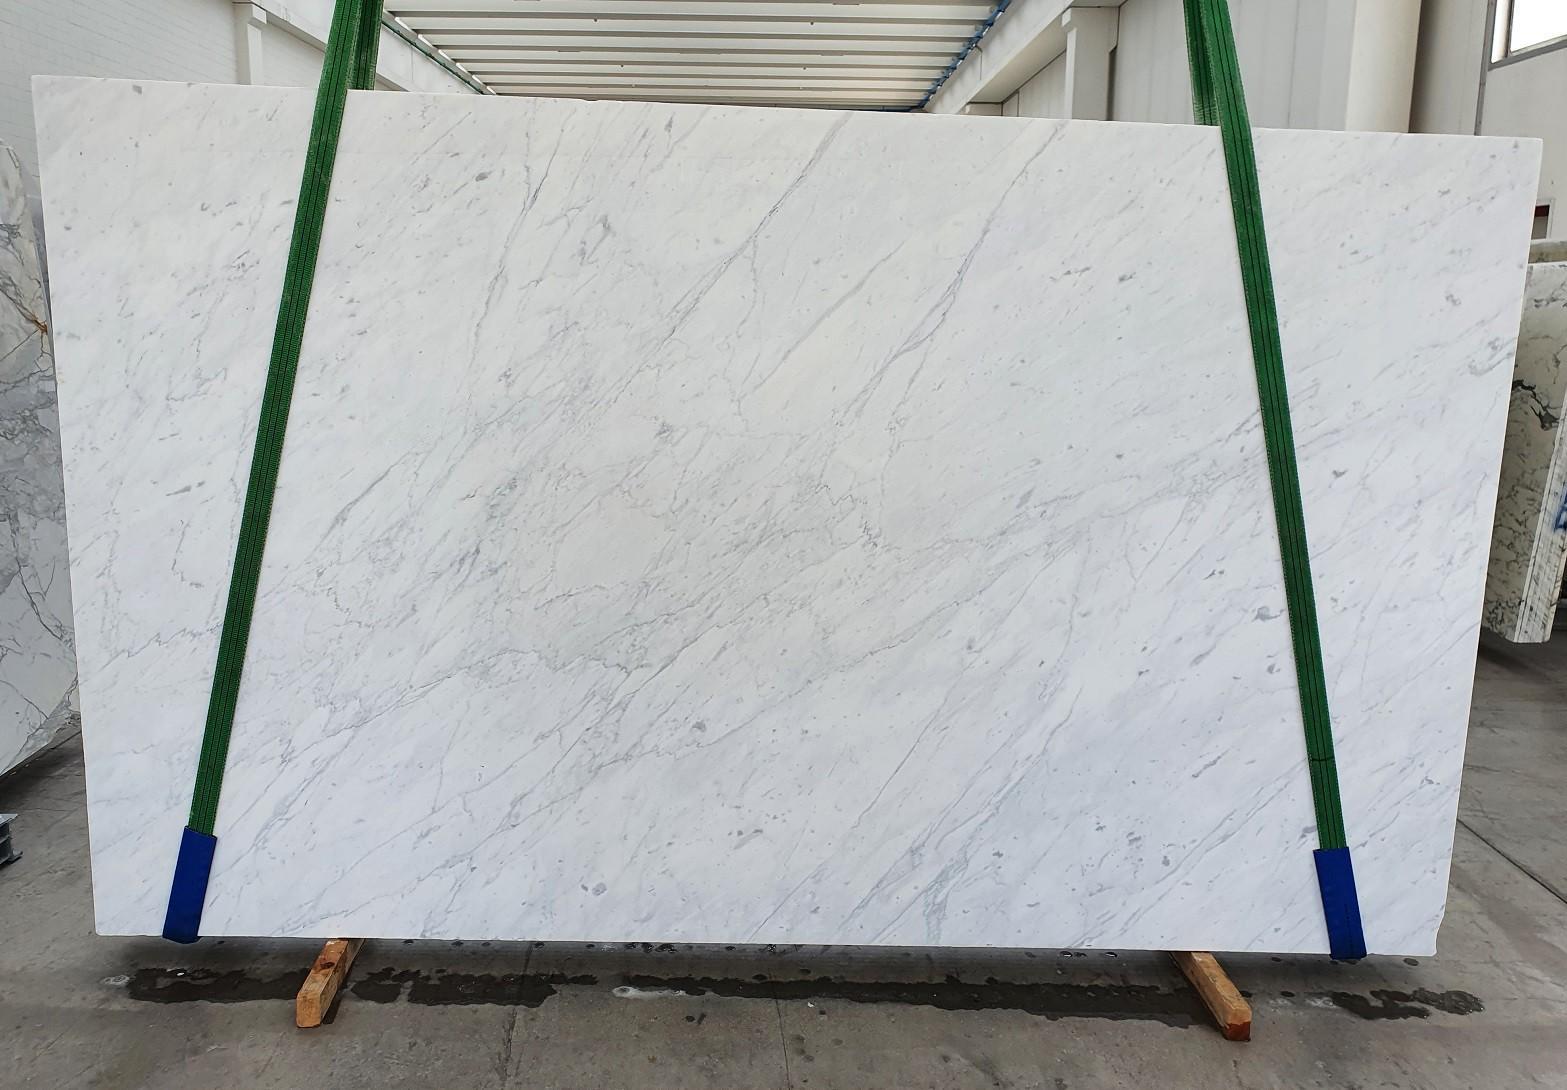 BIANCO CARRARA C Fourniture Veneto (Italie) d' dalles brillantes en marbre naturel 1441 , Slab #26